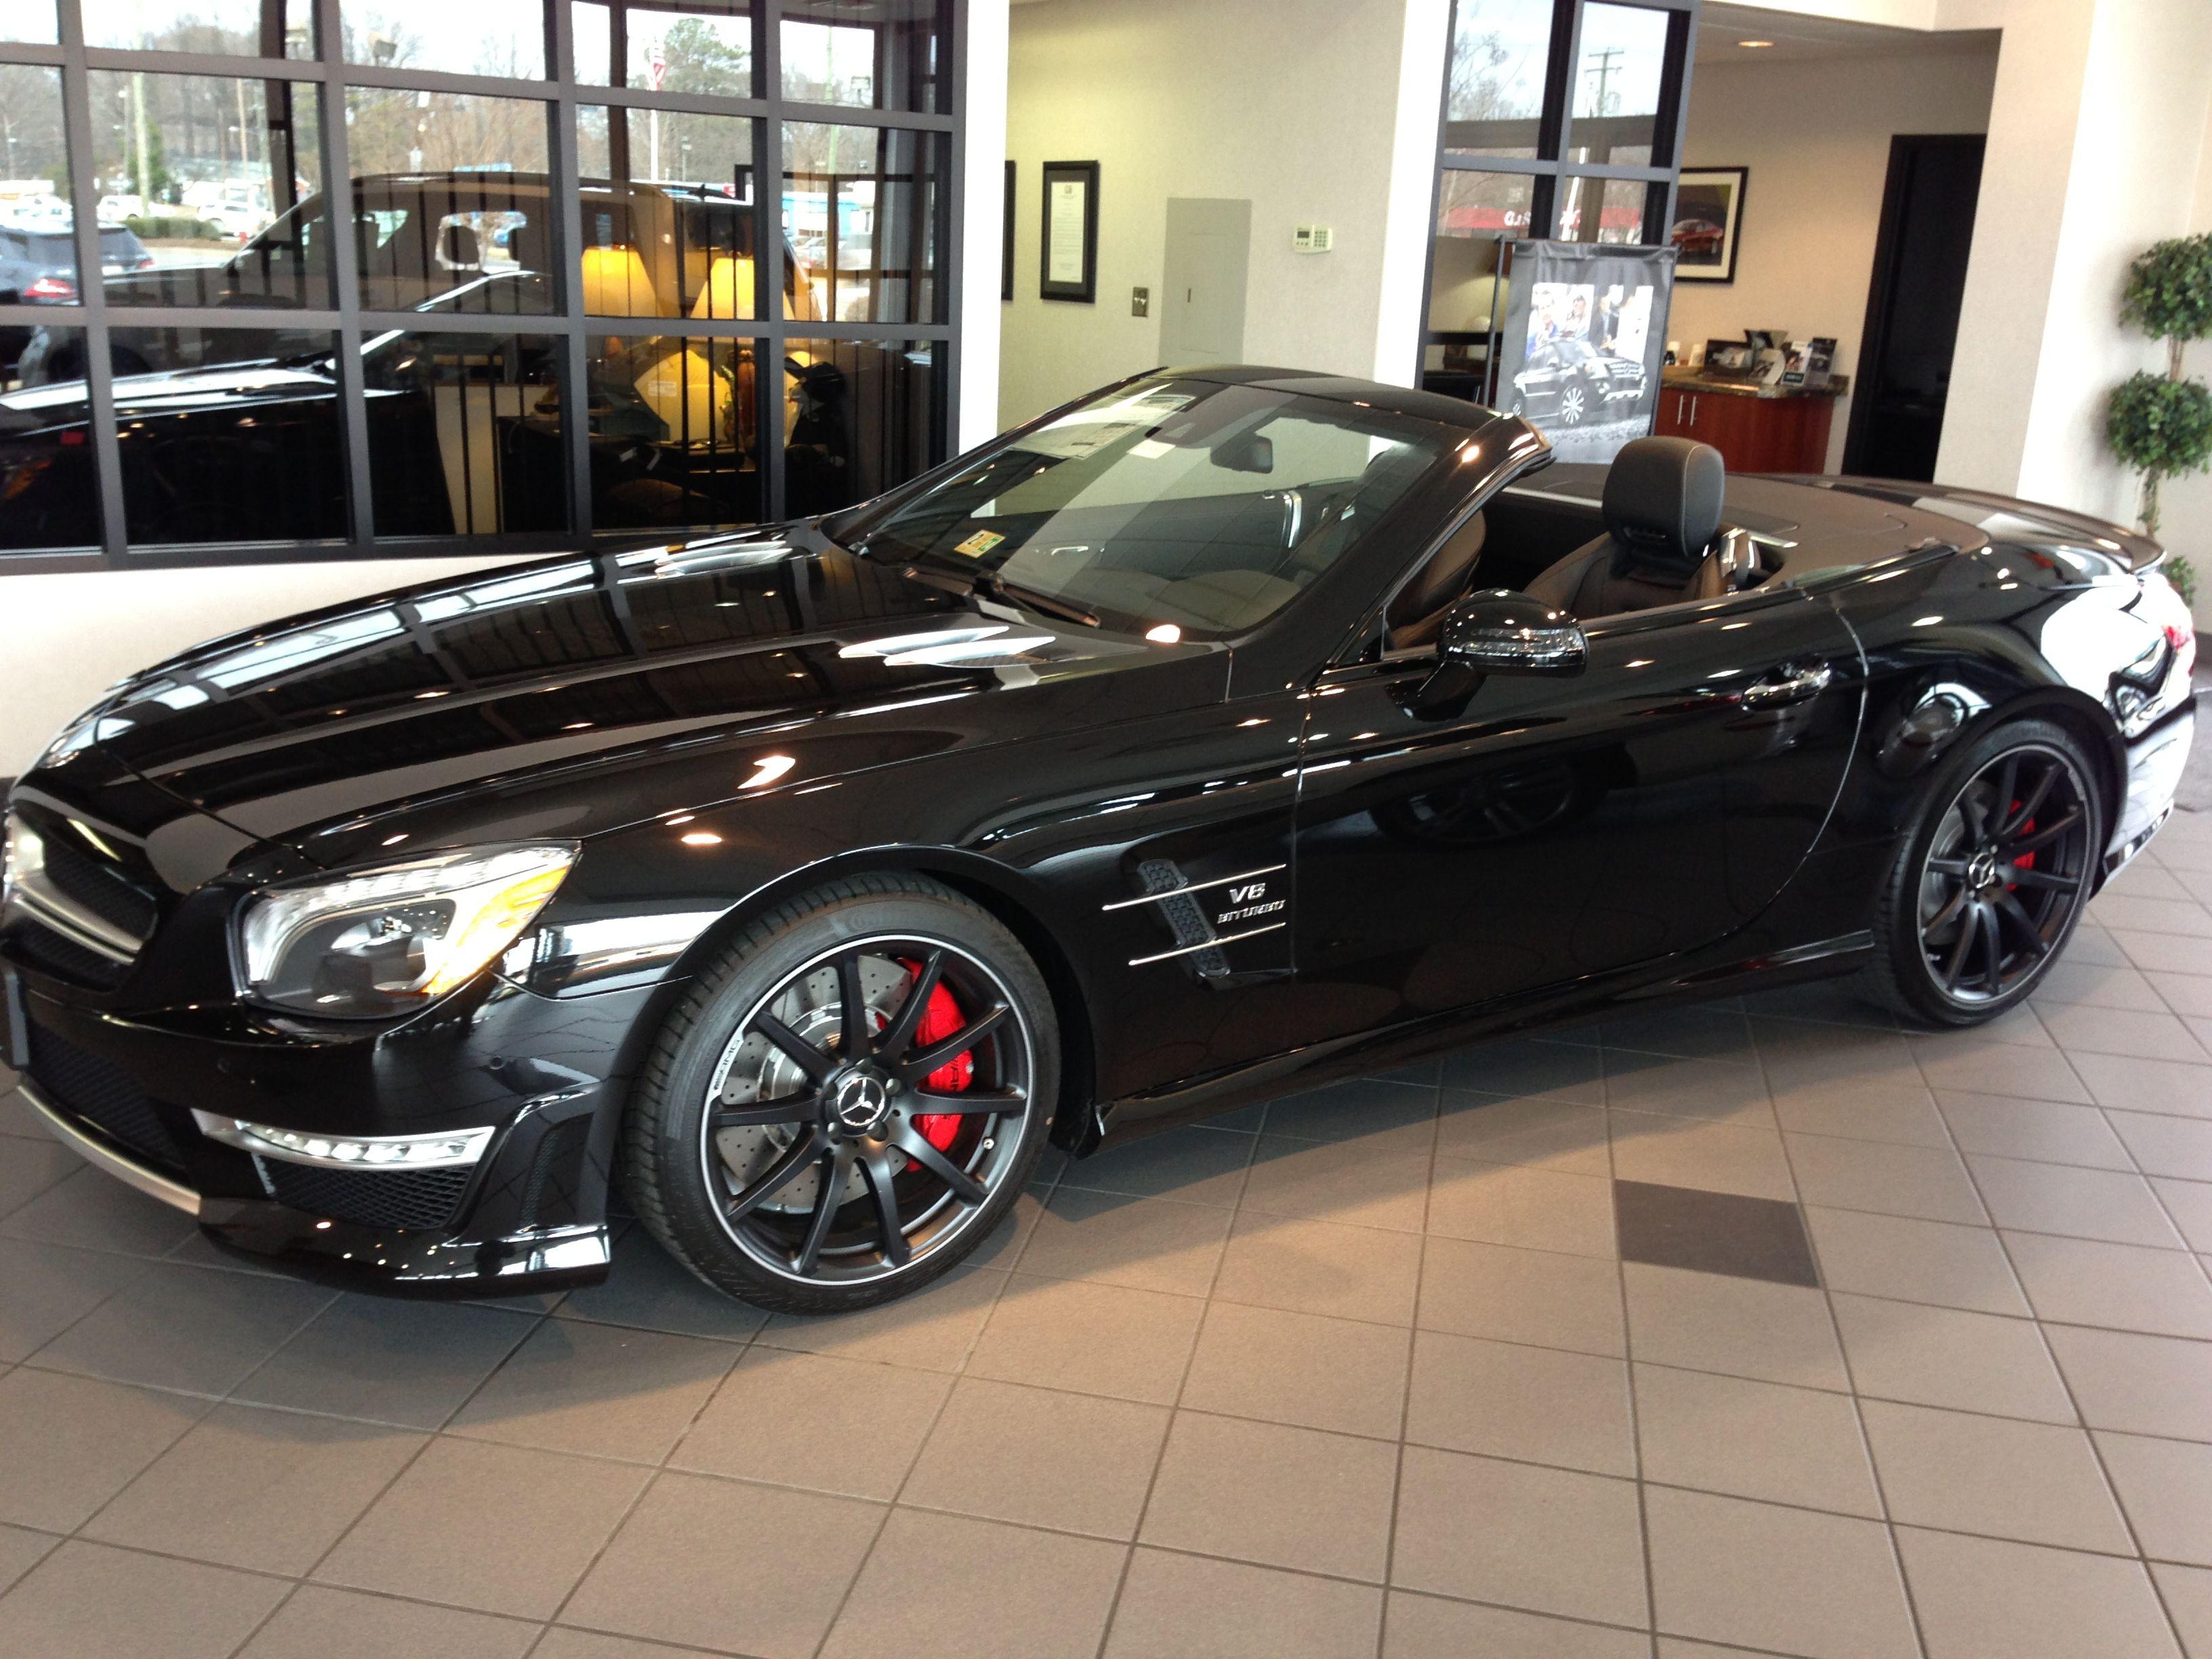 2013 SL63 AMG w/Black Forged wheels   My car fun   Pinterest ...